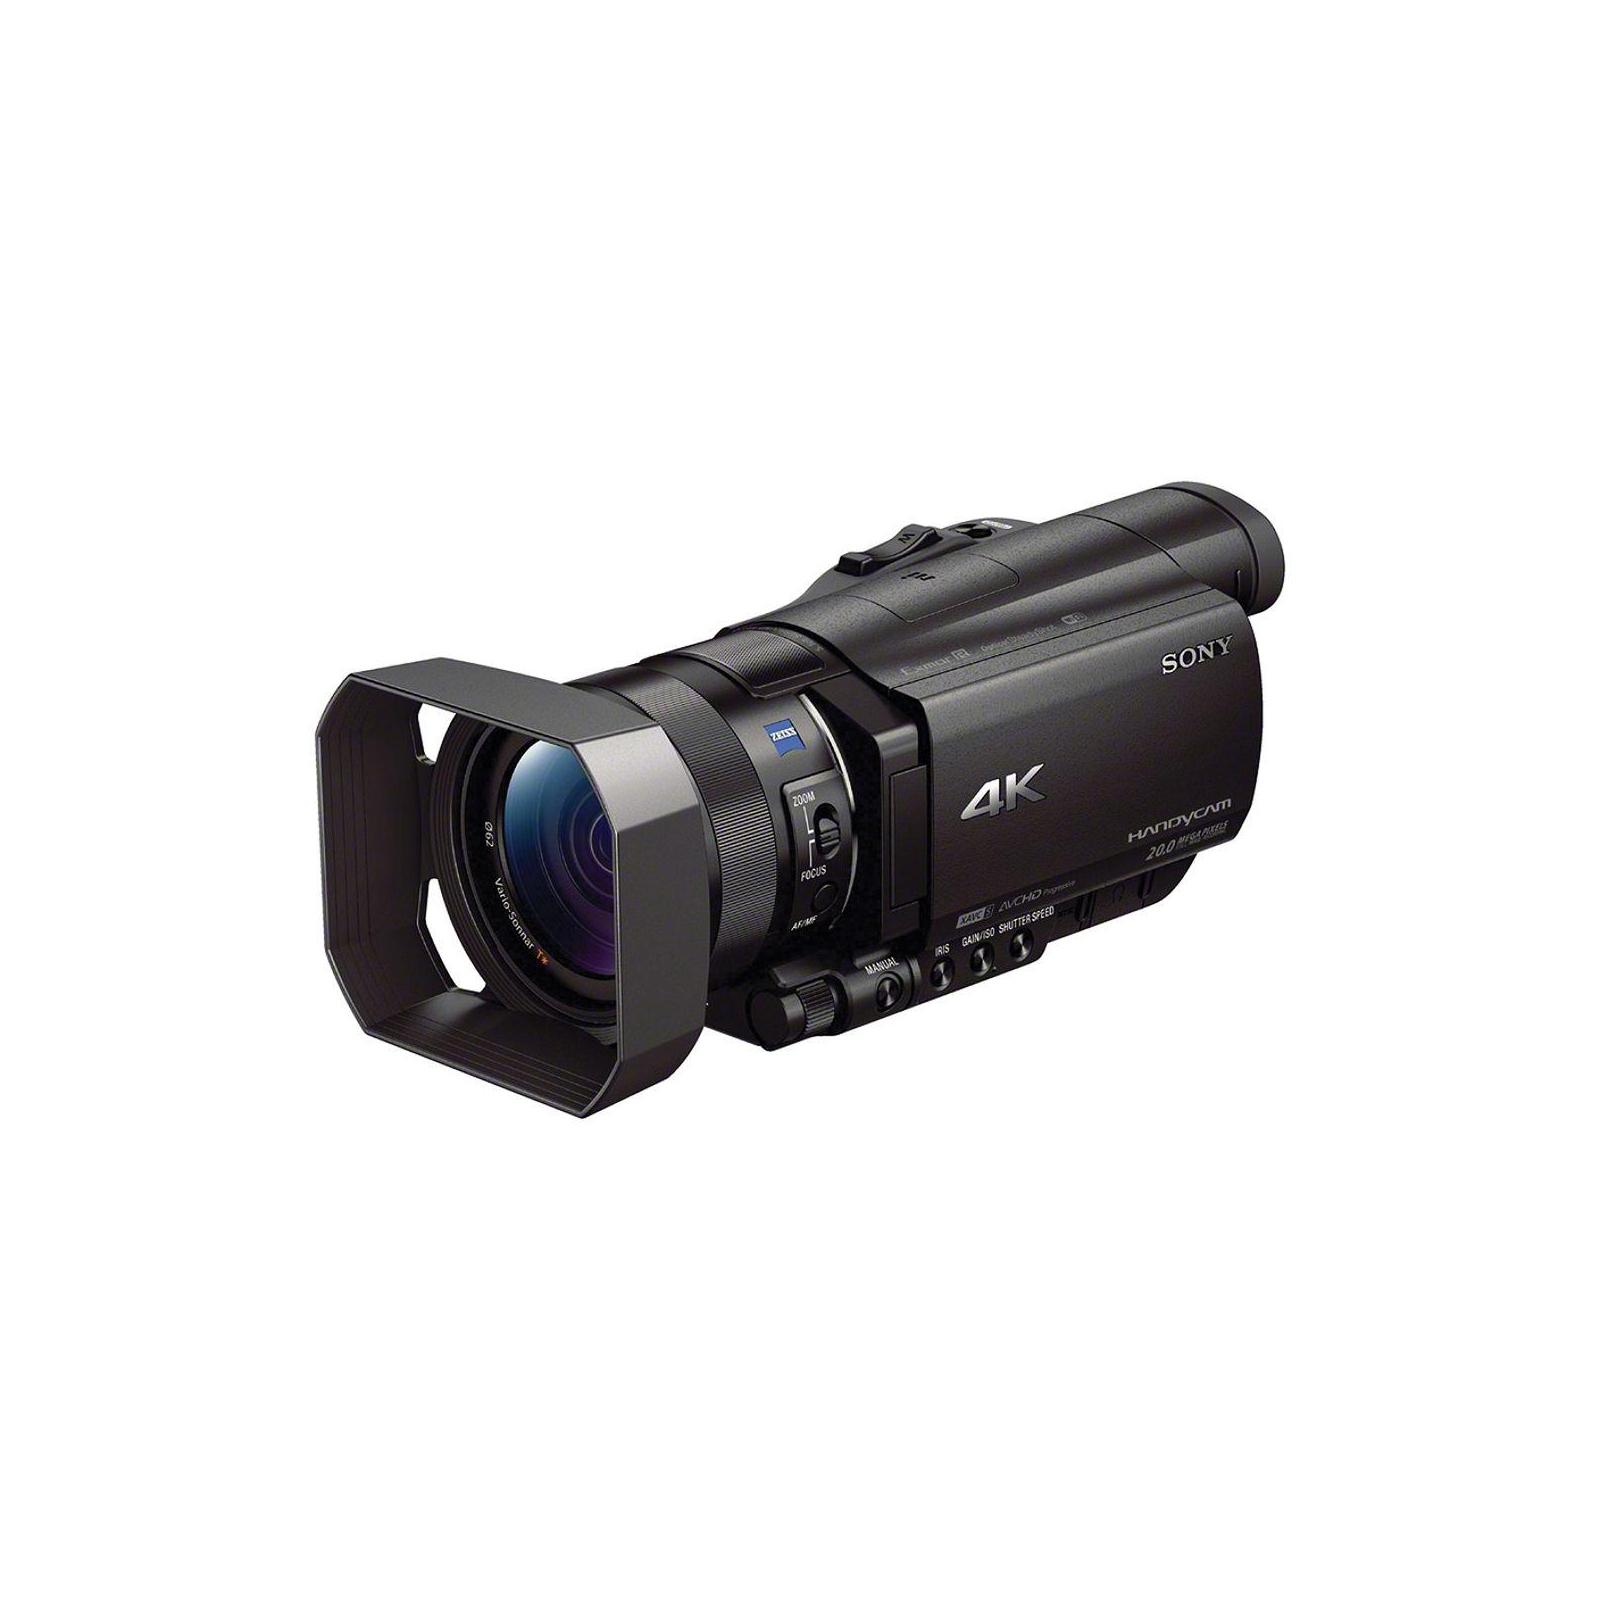 Цифровая видеокамера Sony Handycam FDR-AX700 Black (FDRAX700B.CEE) изображение 12